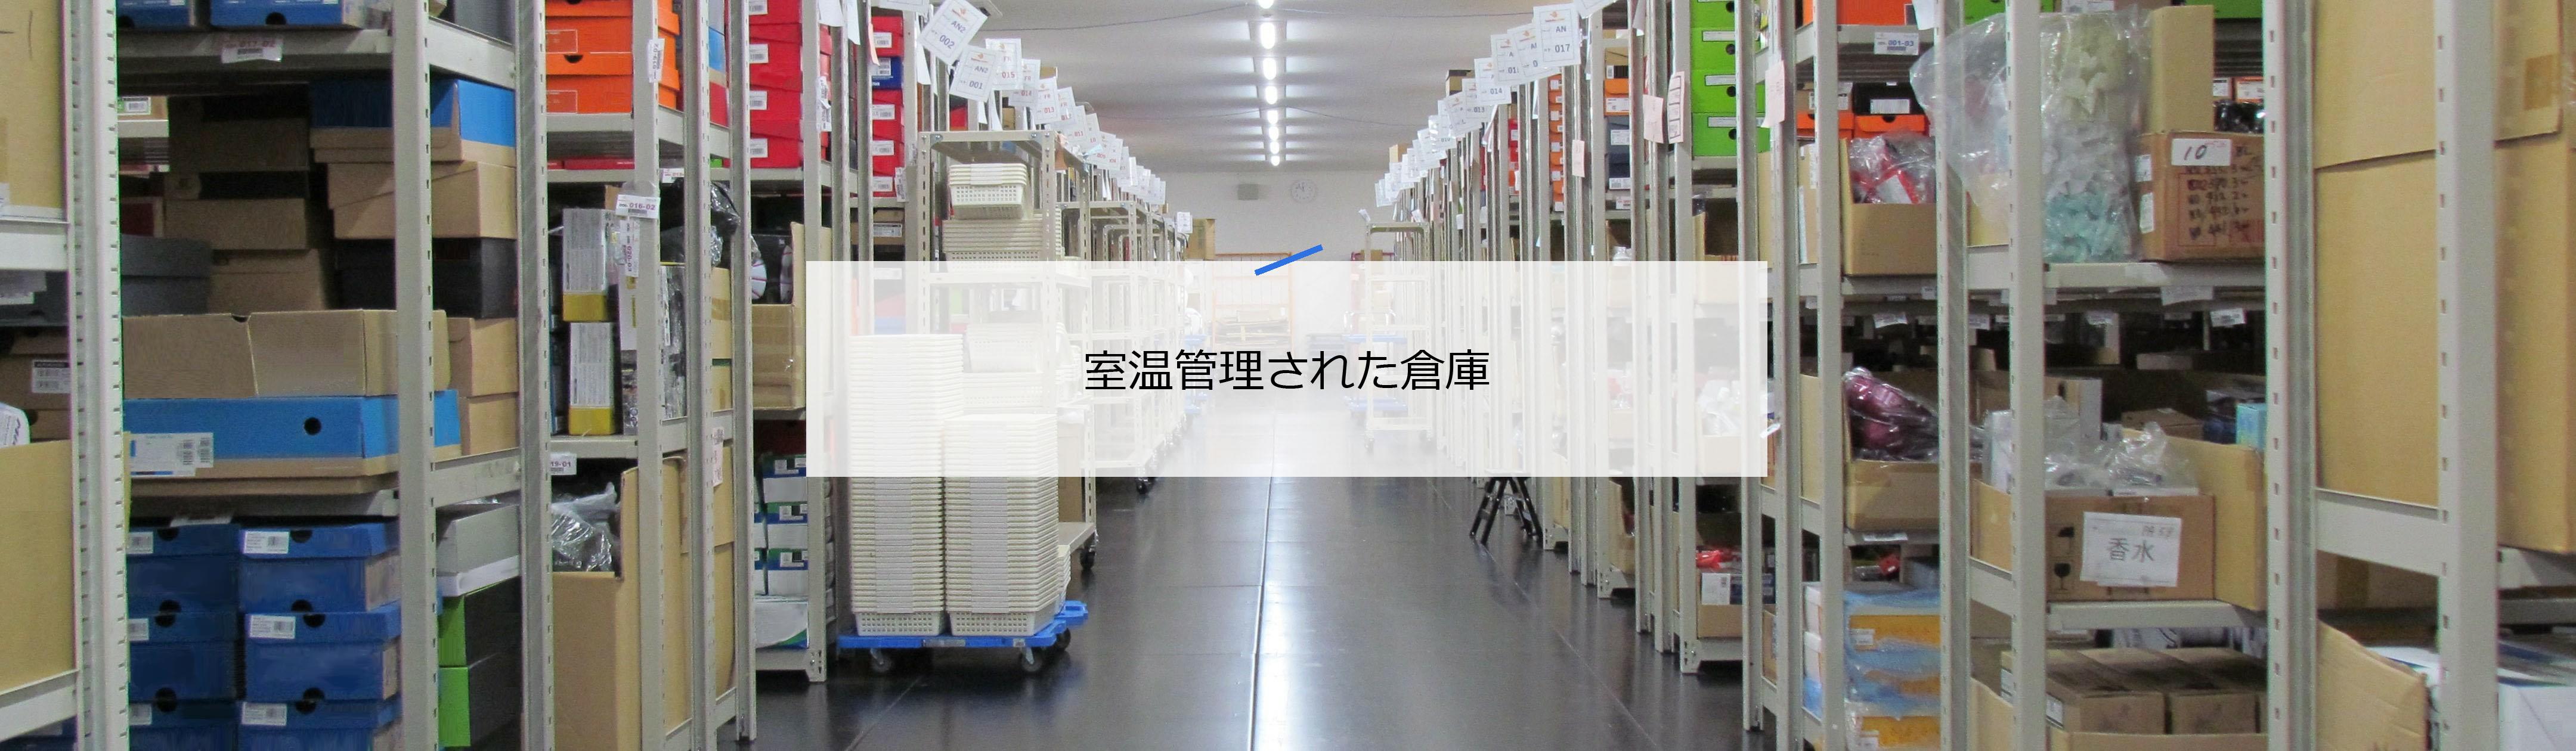 室温管理された倉庫